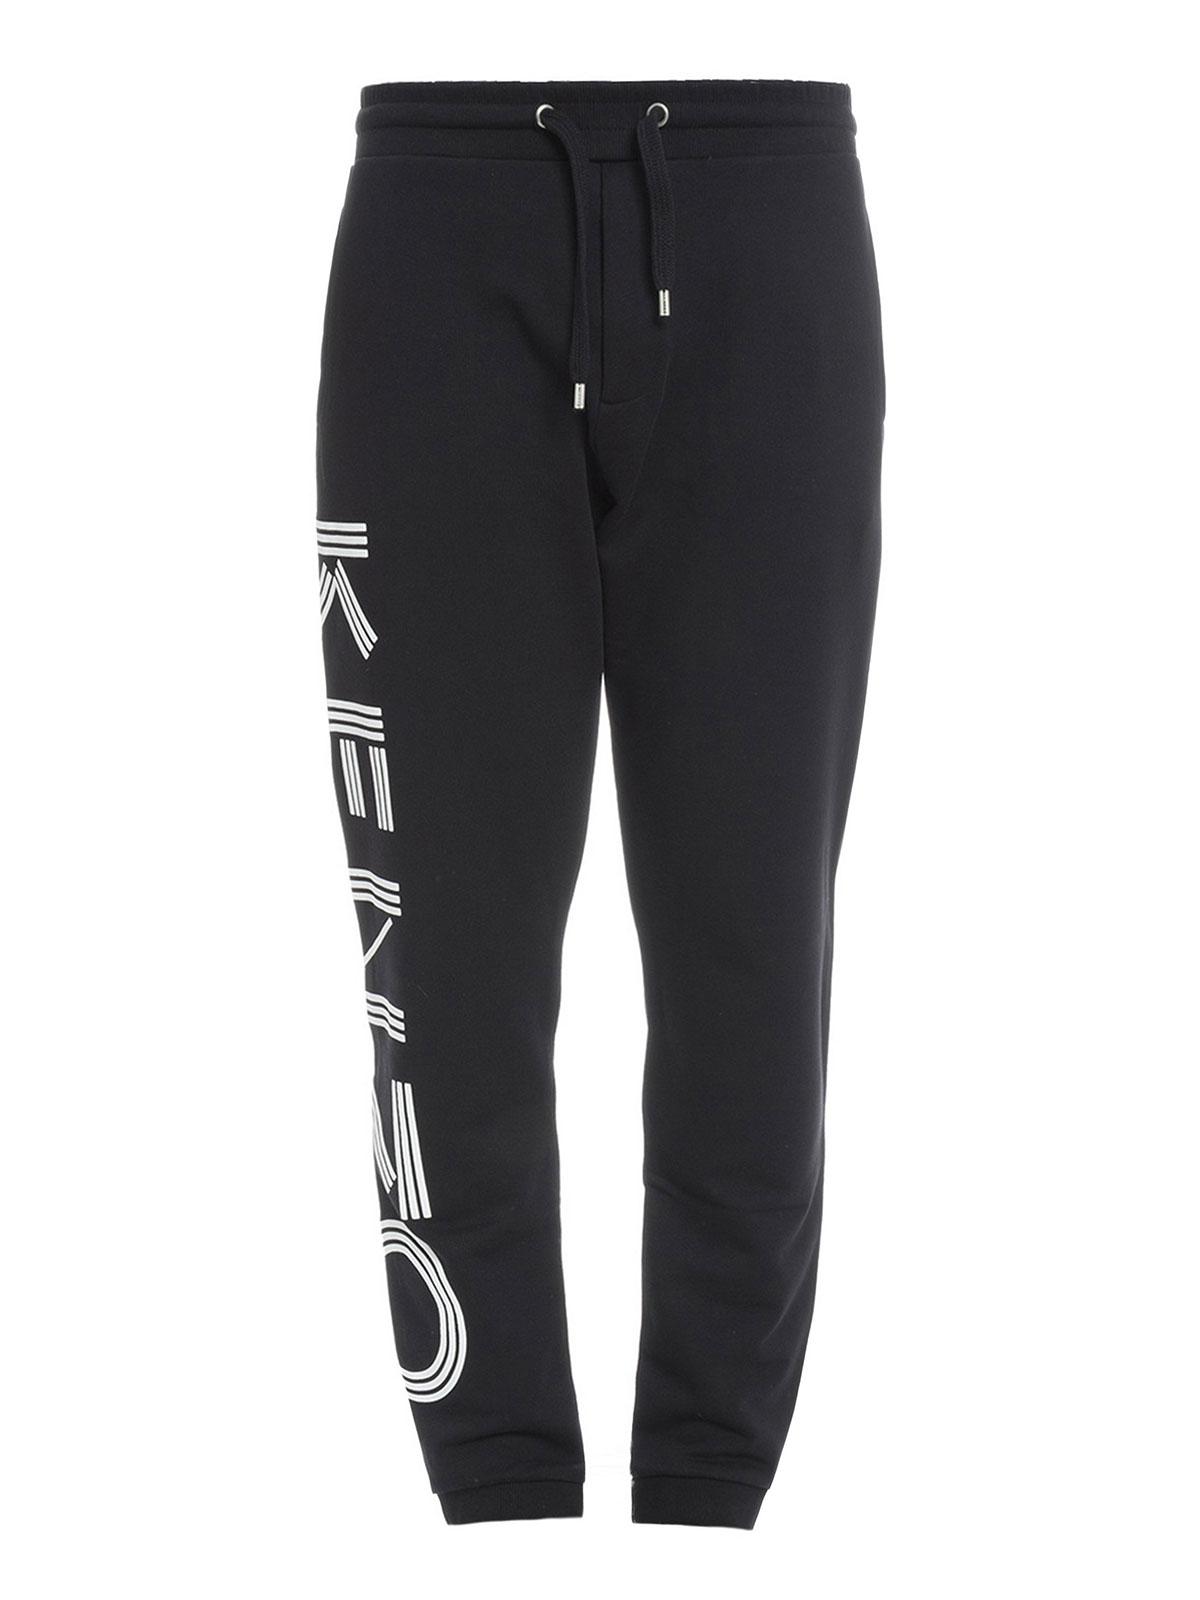 Kenzo - Pantalon De Survêtement Kenzo - Pantalons